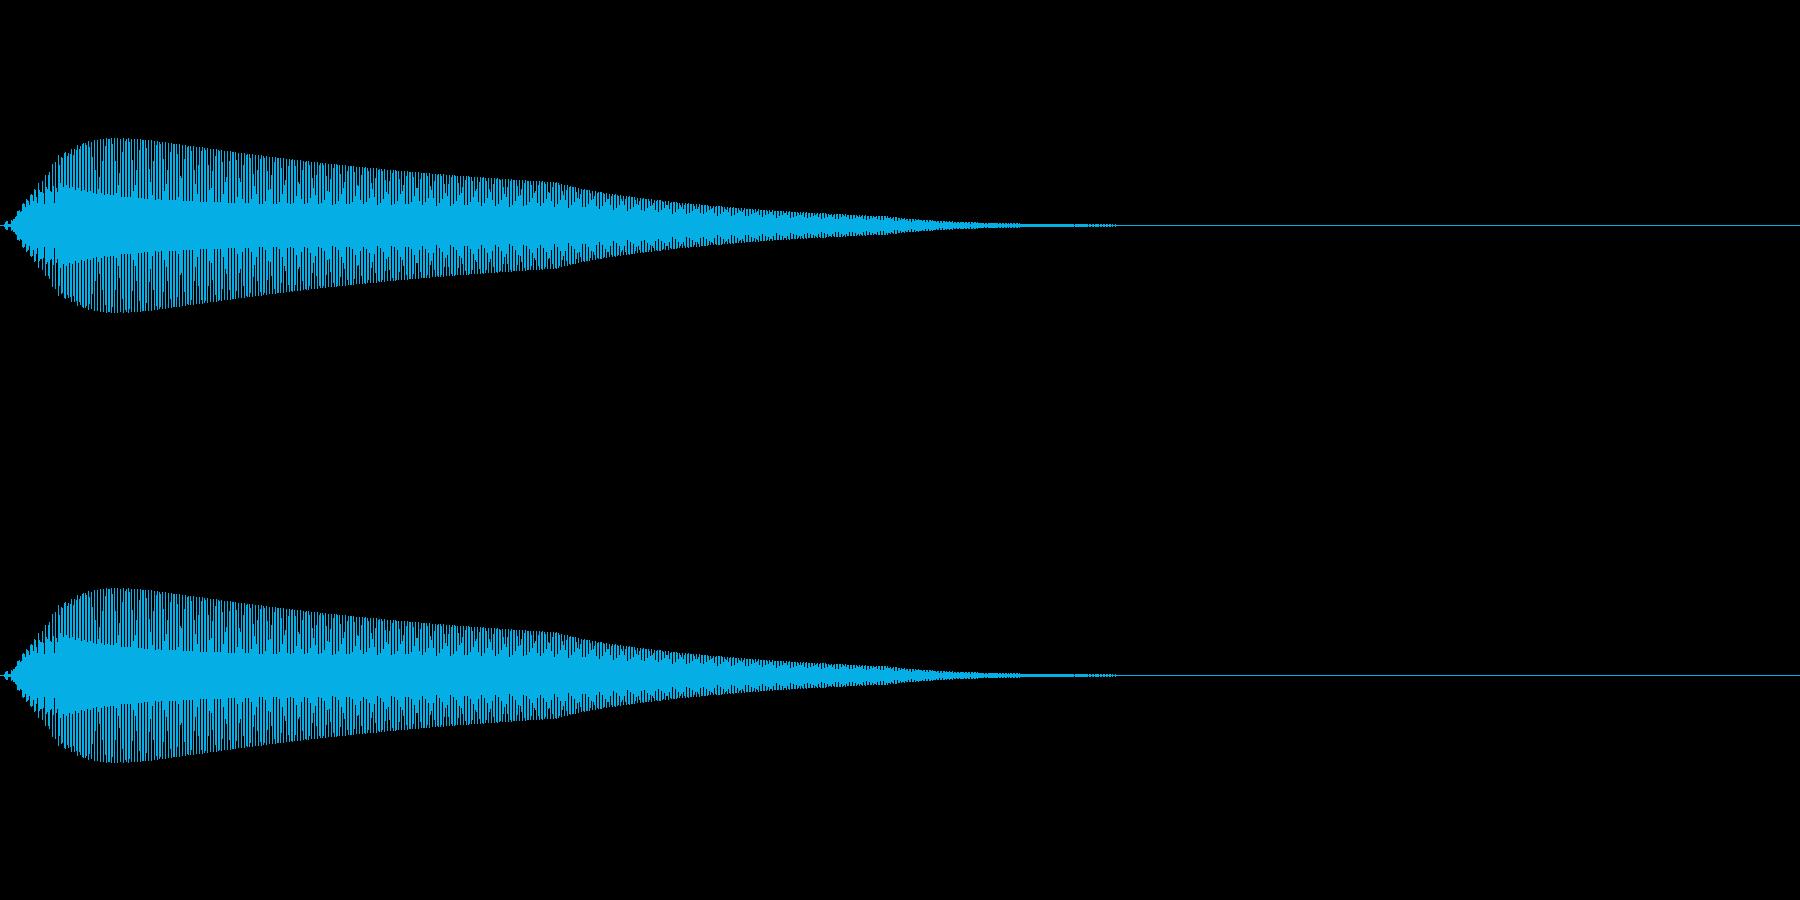 【操作音】決定音 クリック音 タッチ音の再生済みの波形